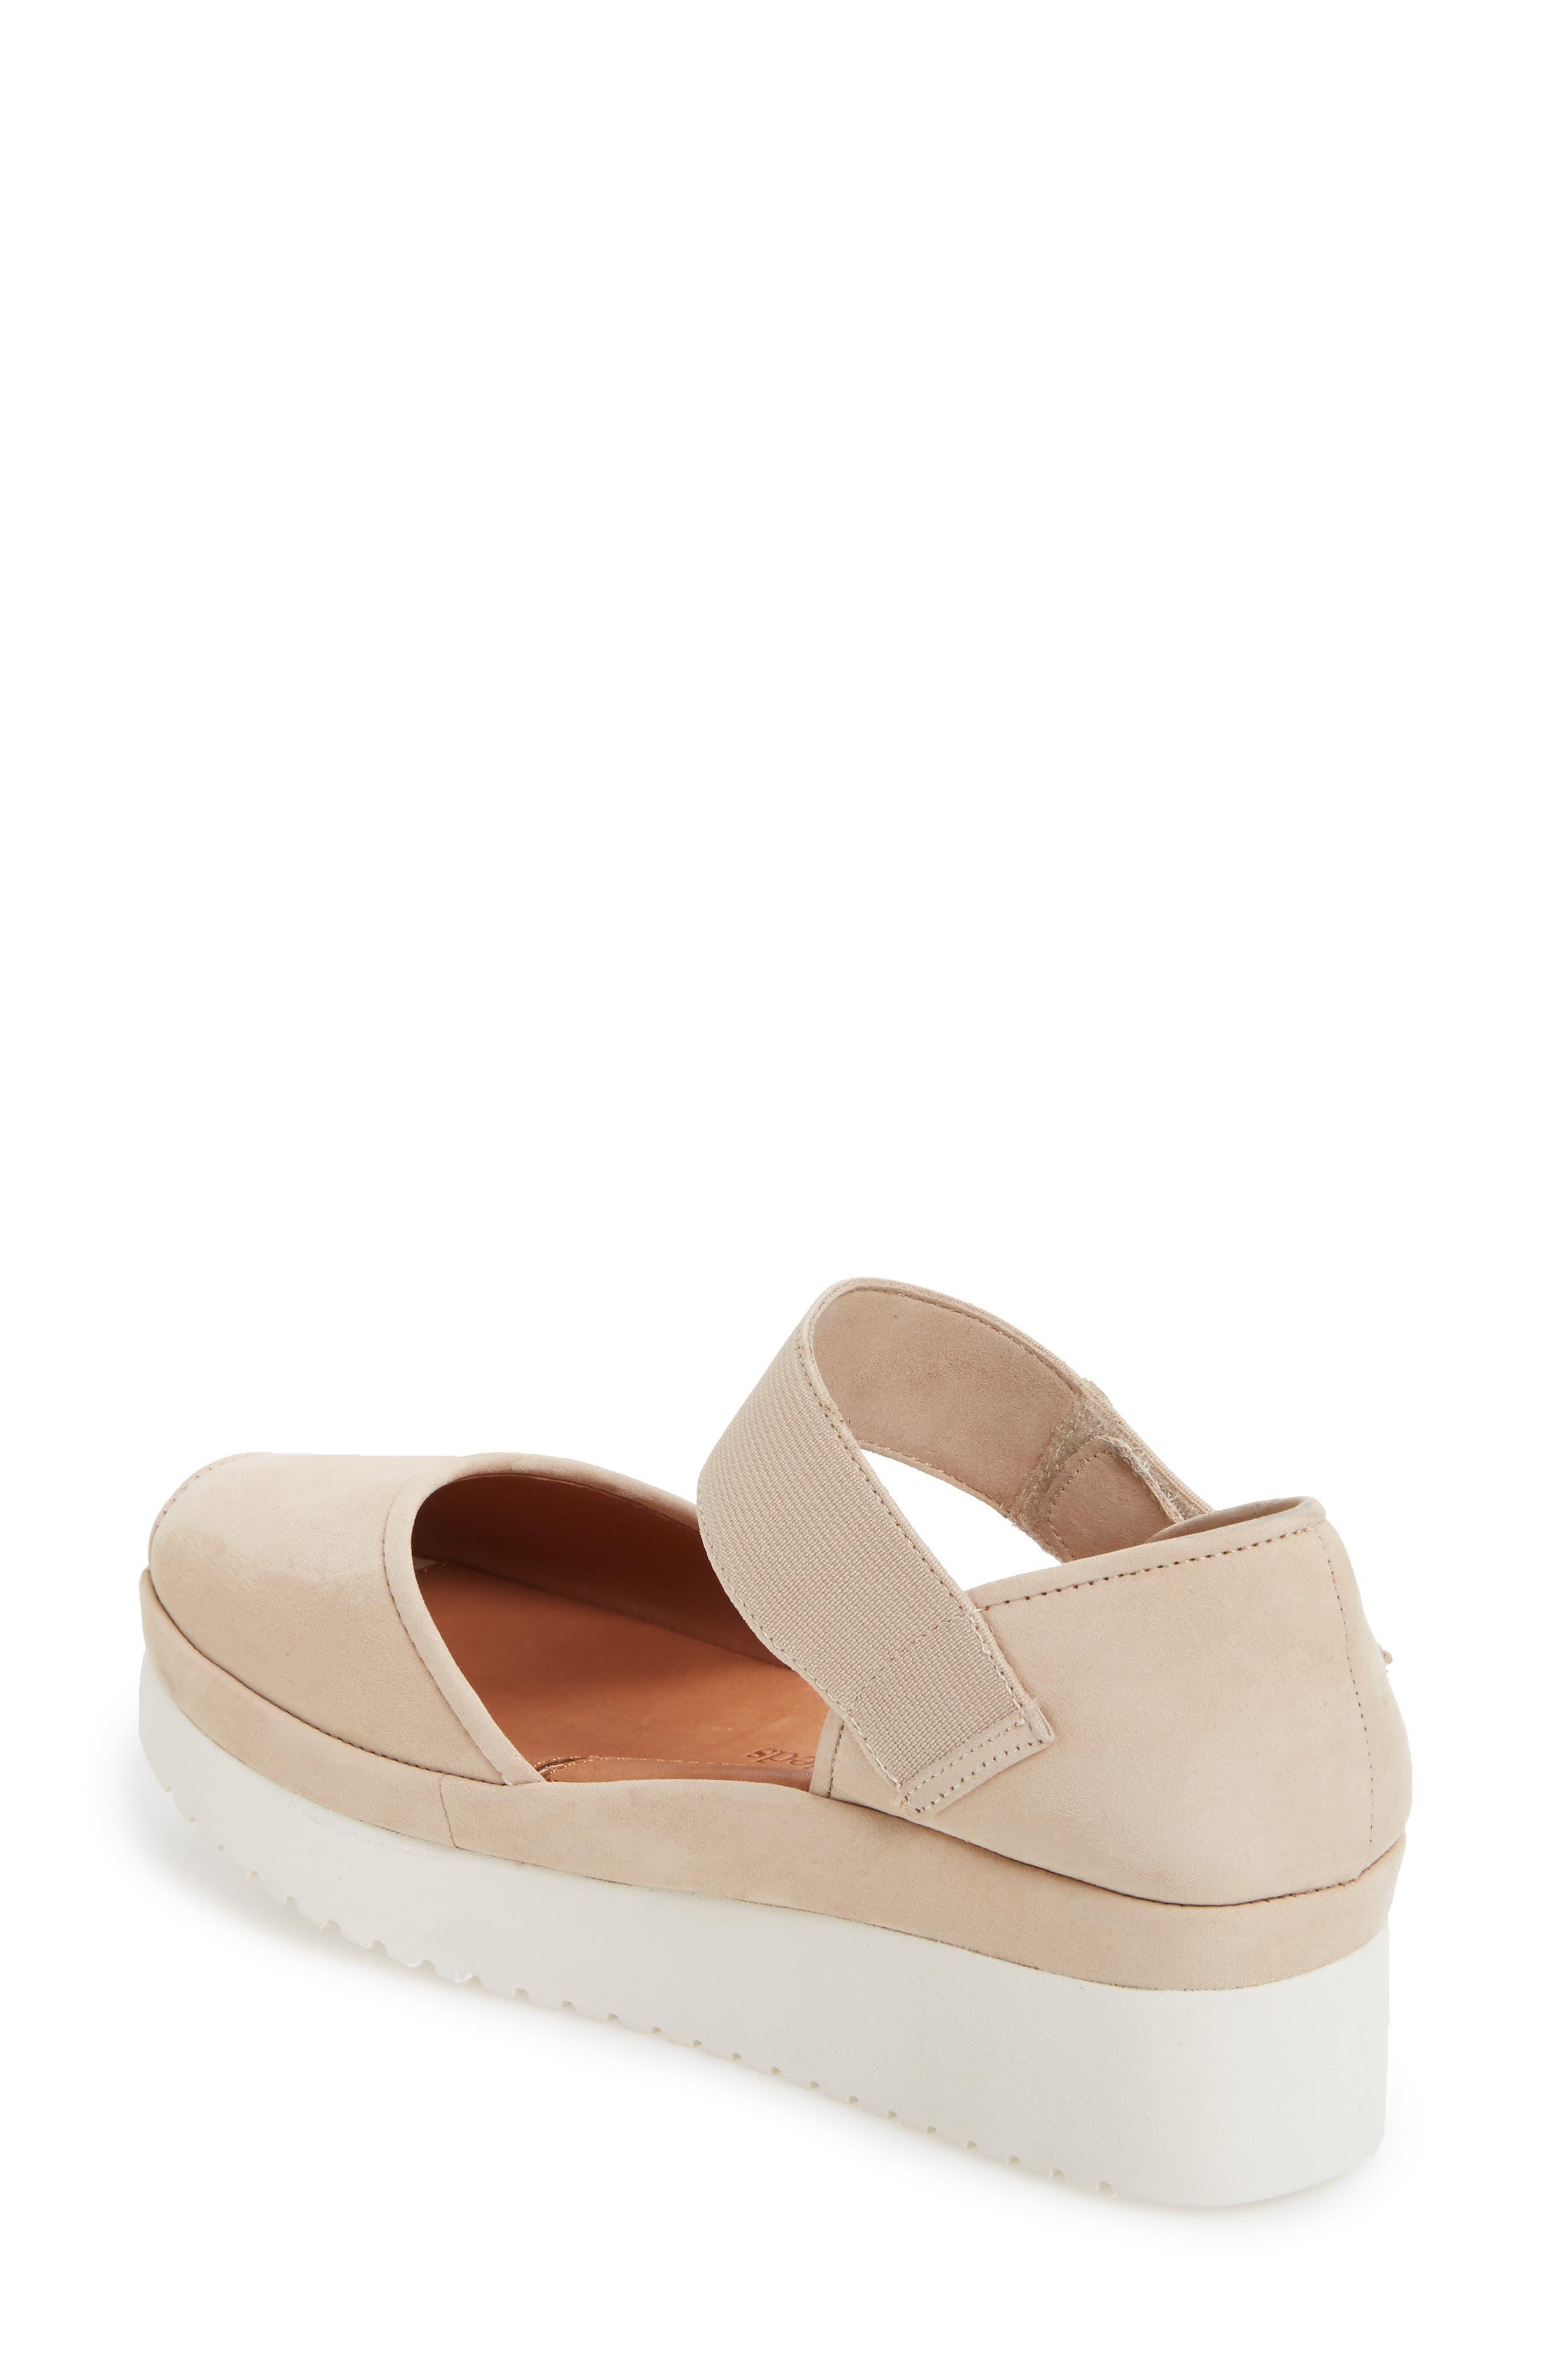 'Amadour' Platform Sandal,                             Alternate thumbnail 21, color,